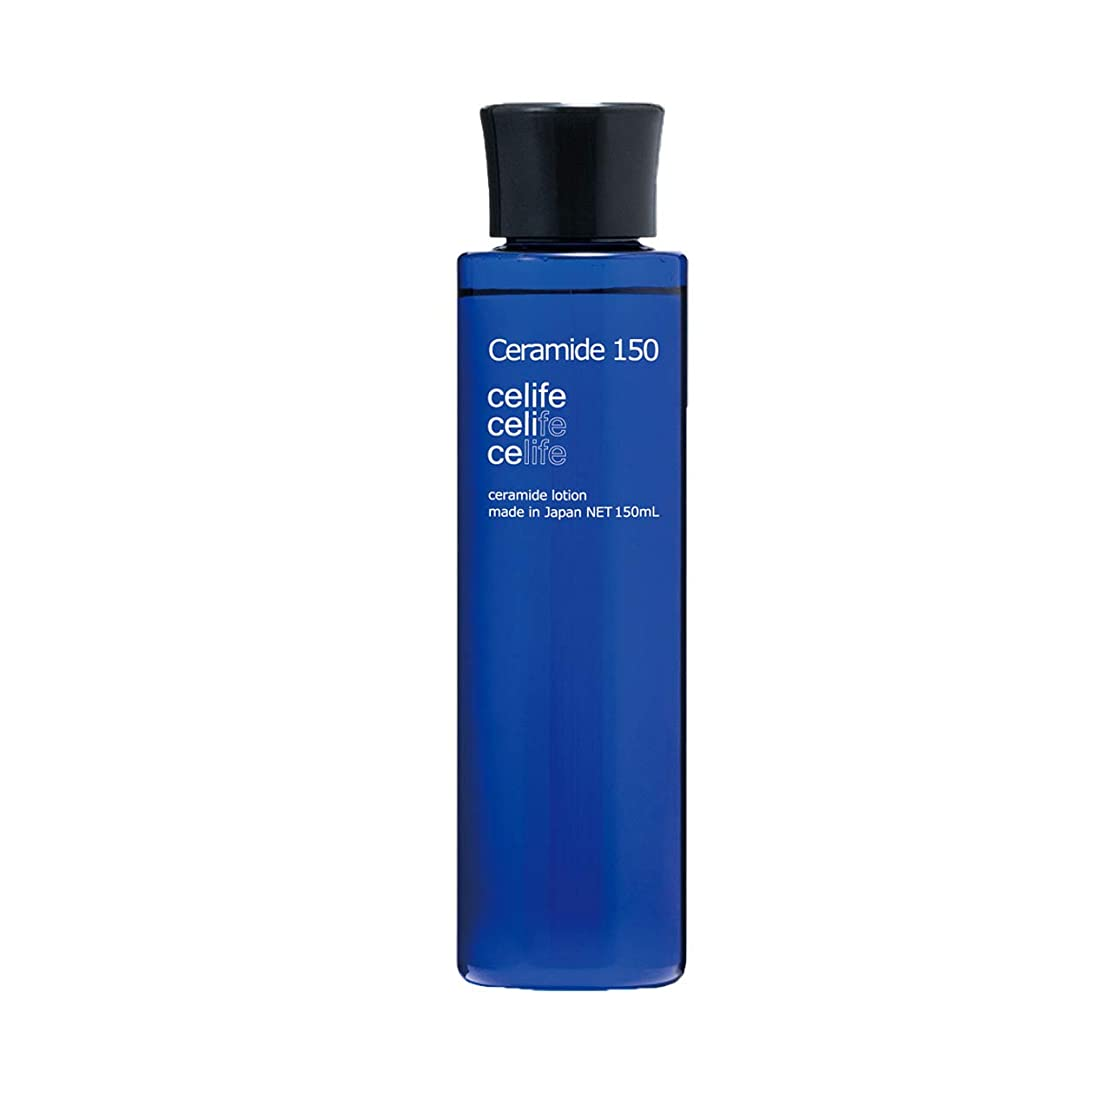 目覚める白鳥ストリップ天然セラミド配合化粧水 セラミド 150